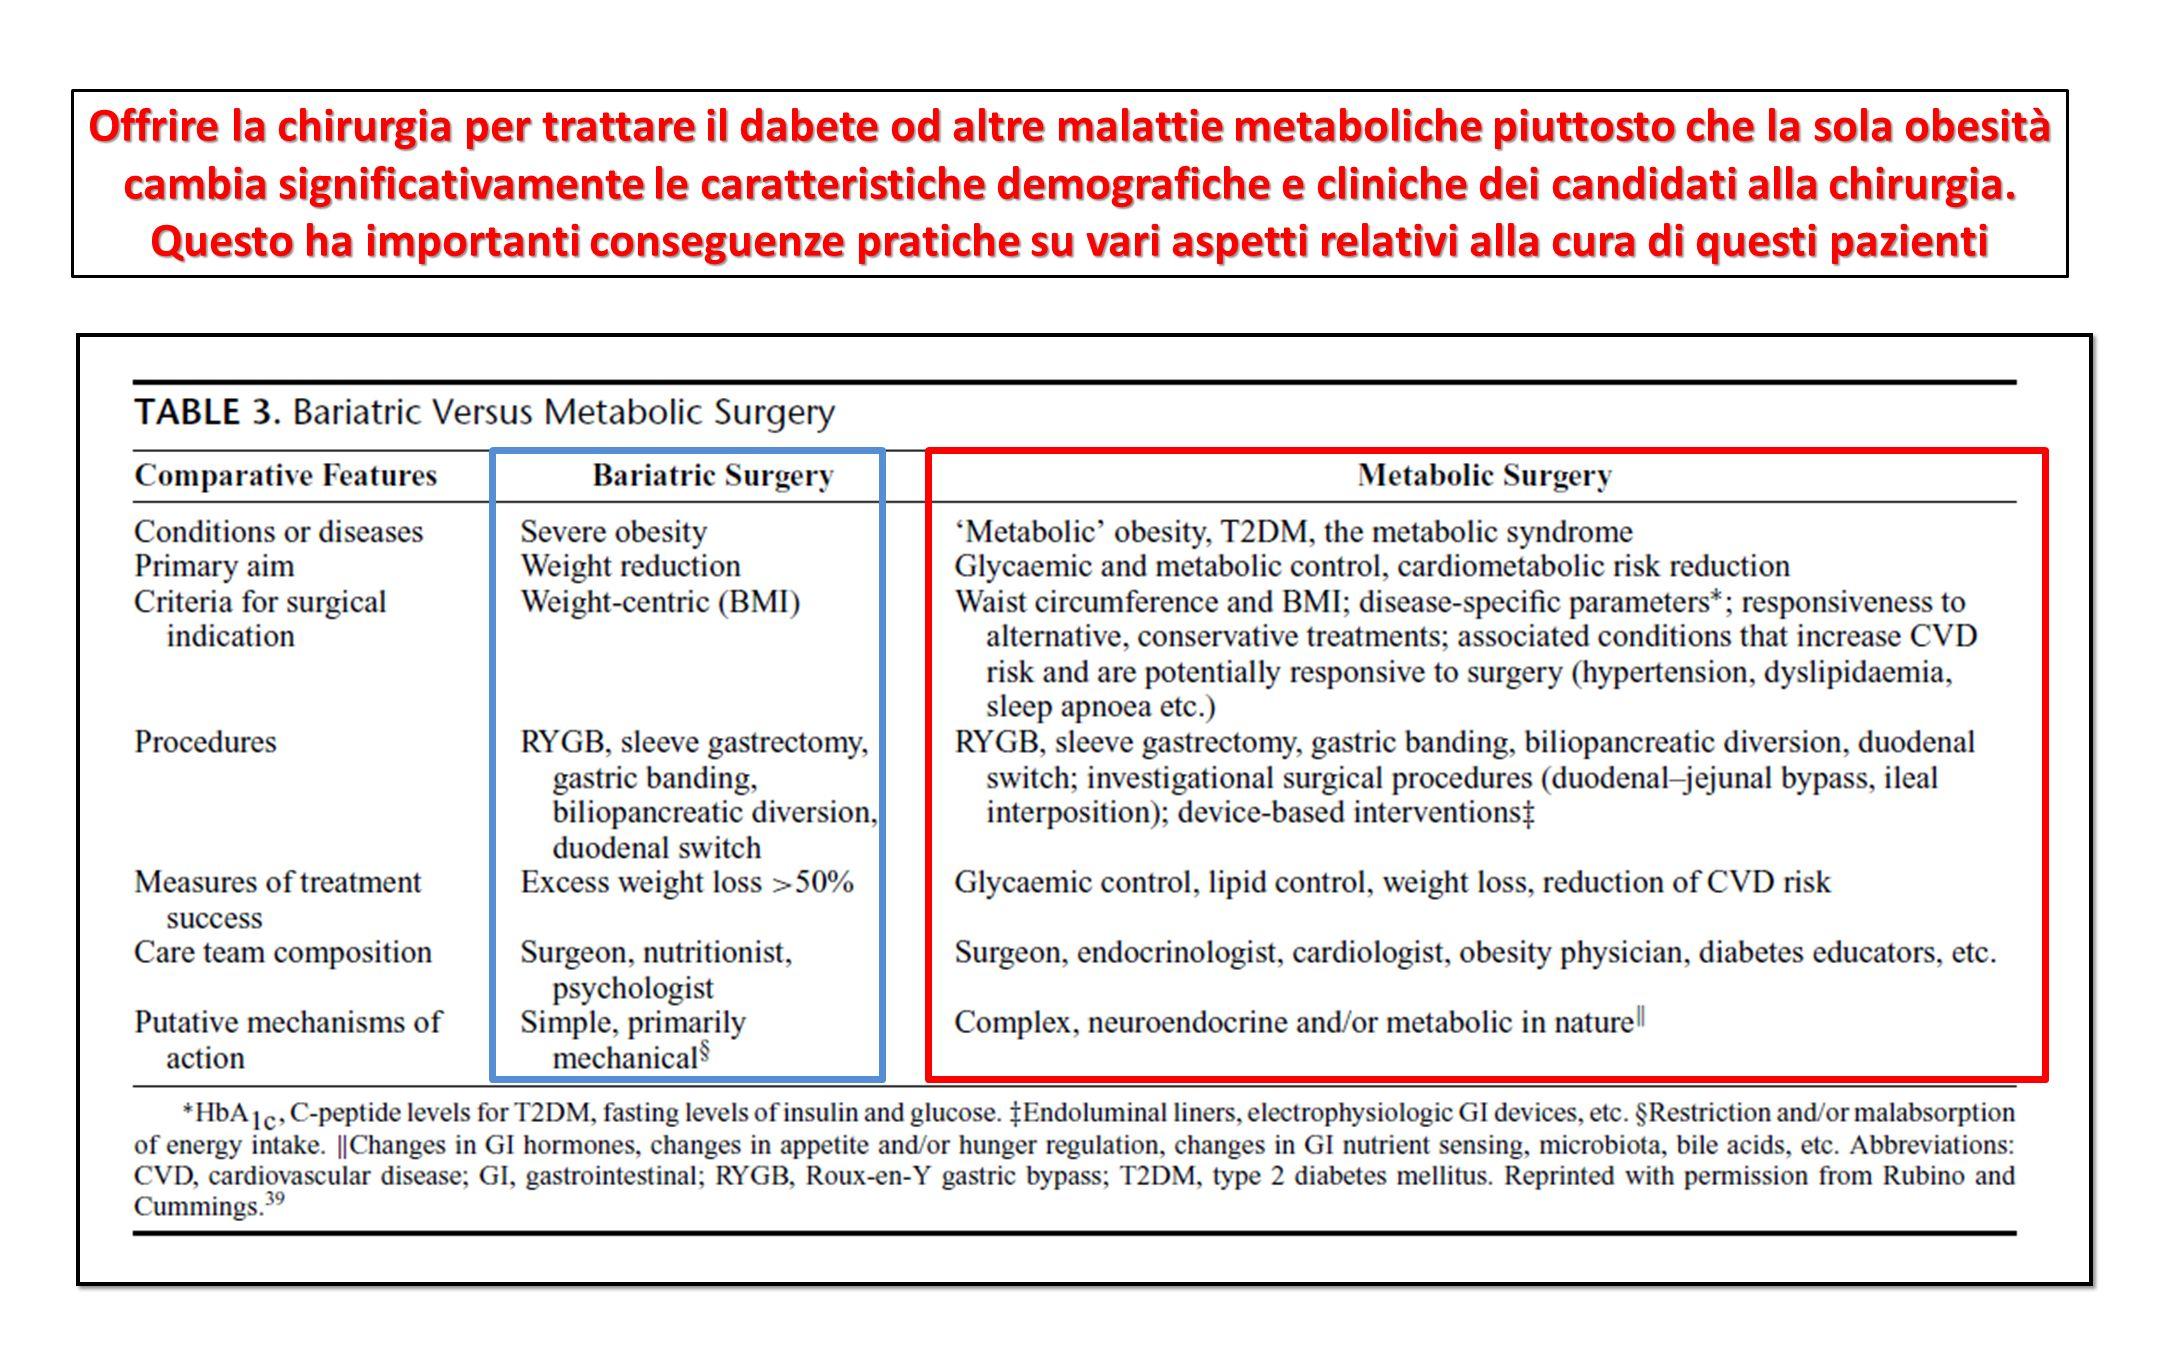 Offrire la chirurgia per trattare il dabete od altre malattie metaboliche piuttosto che la sola obesità cambia significativamente le caratteristiche d